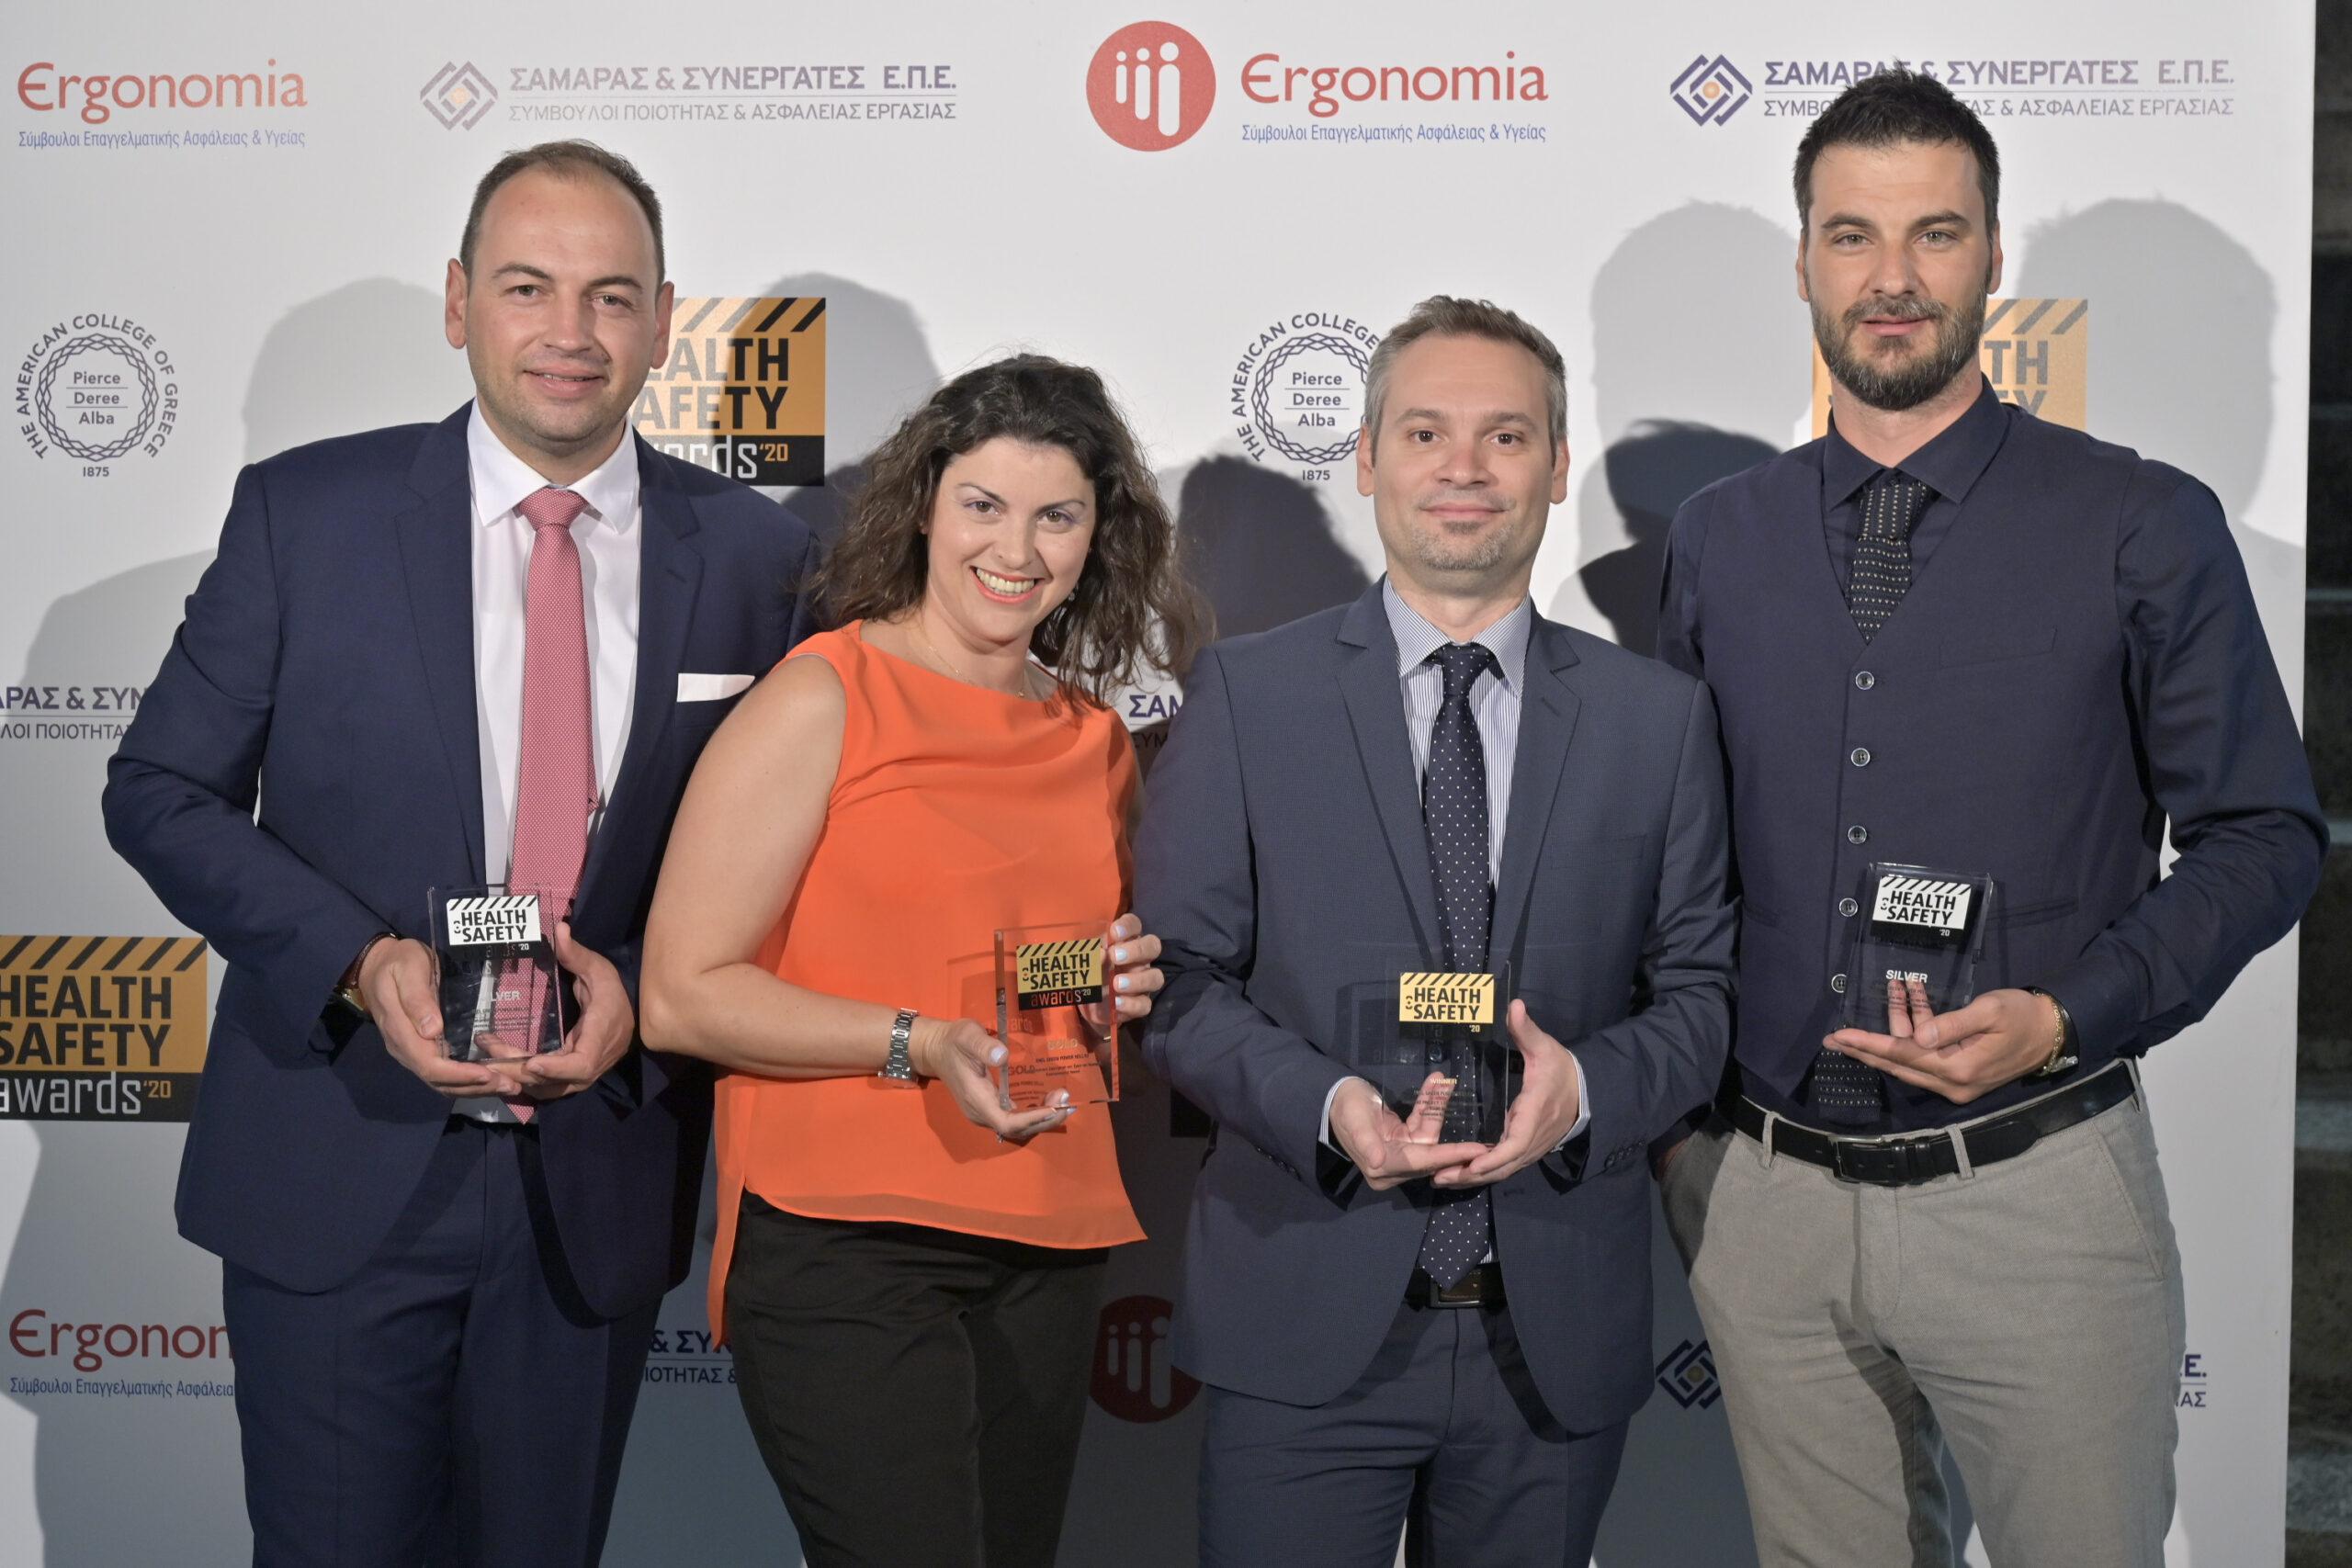 Τέσσερα βραβεία για την Enel Green Power στα «Health & Safety Awards» 2020